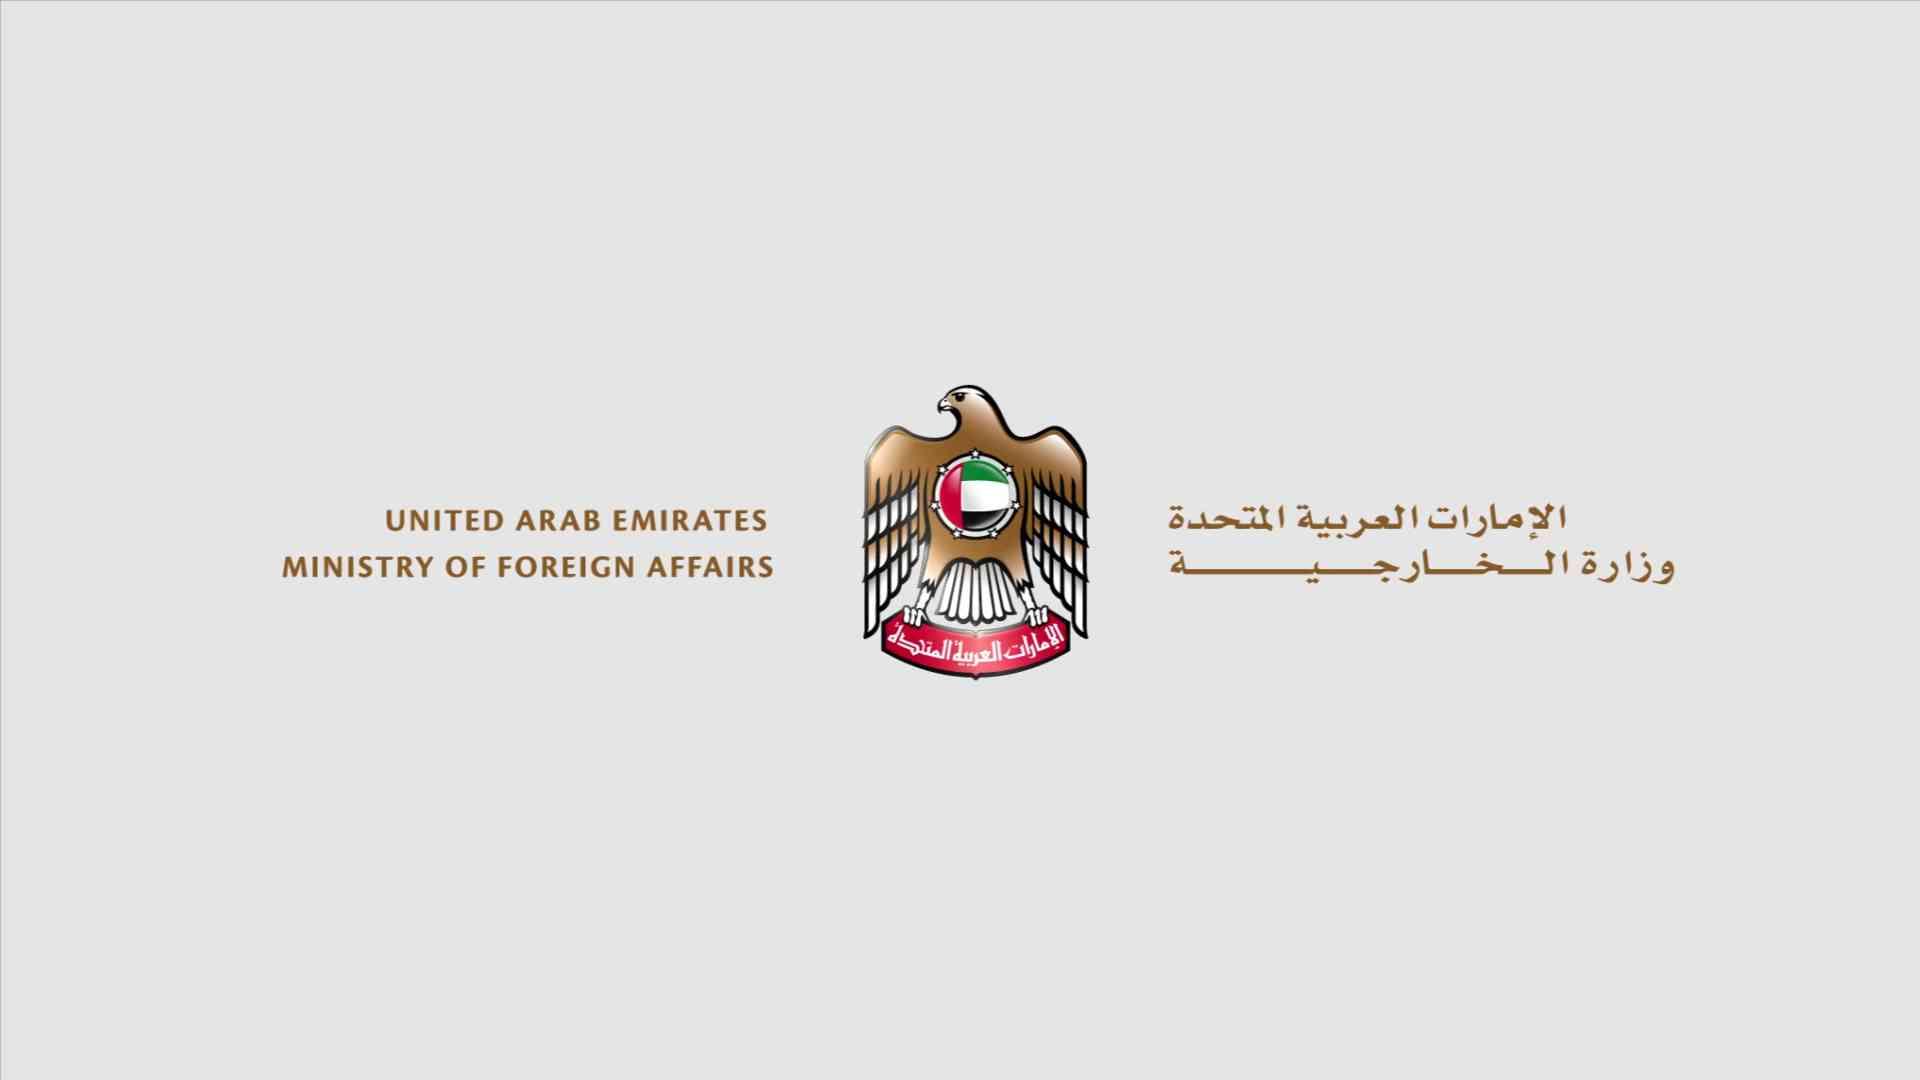 تنويه مهم من سفارة الإمارات في واشنطن